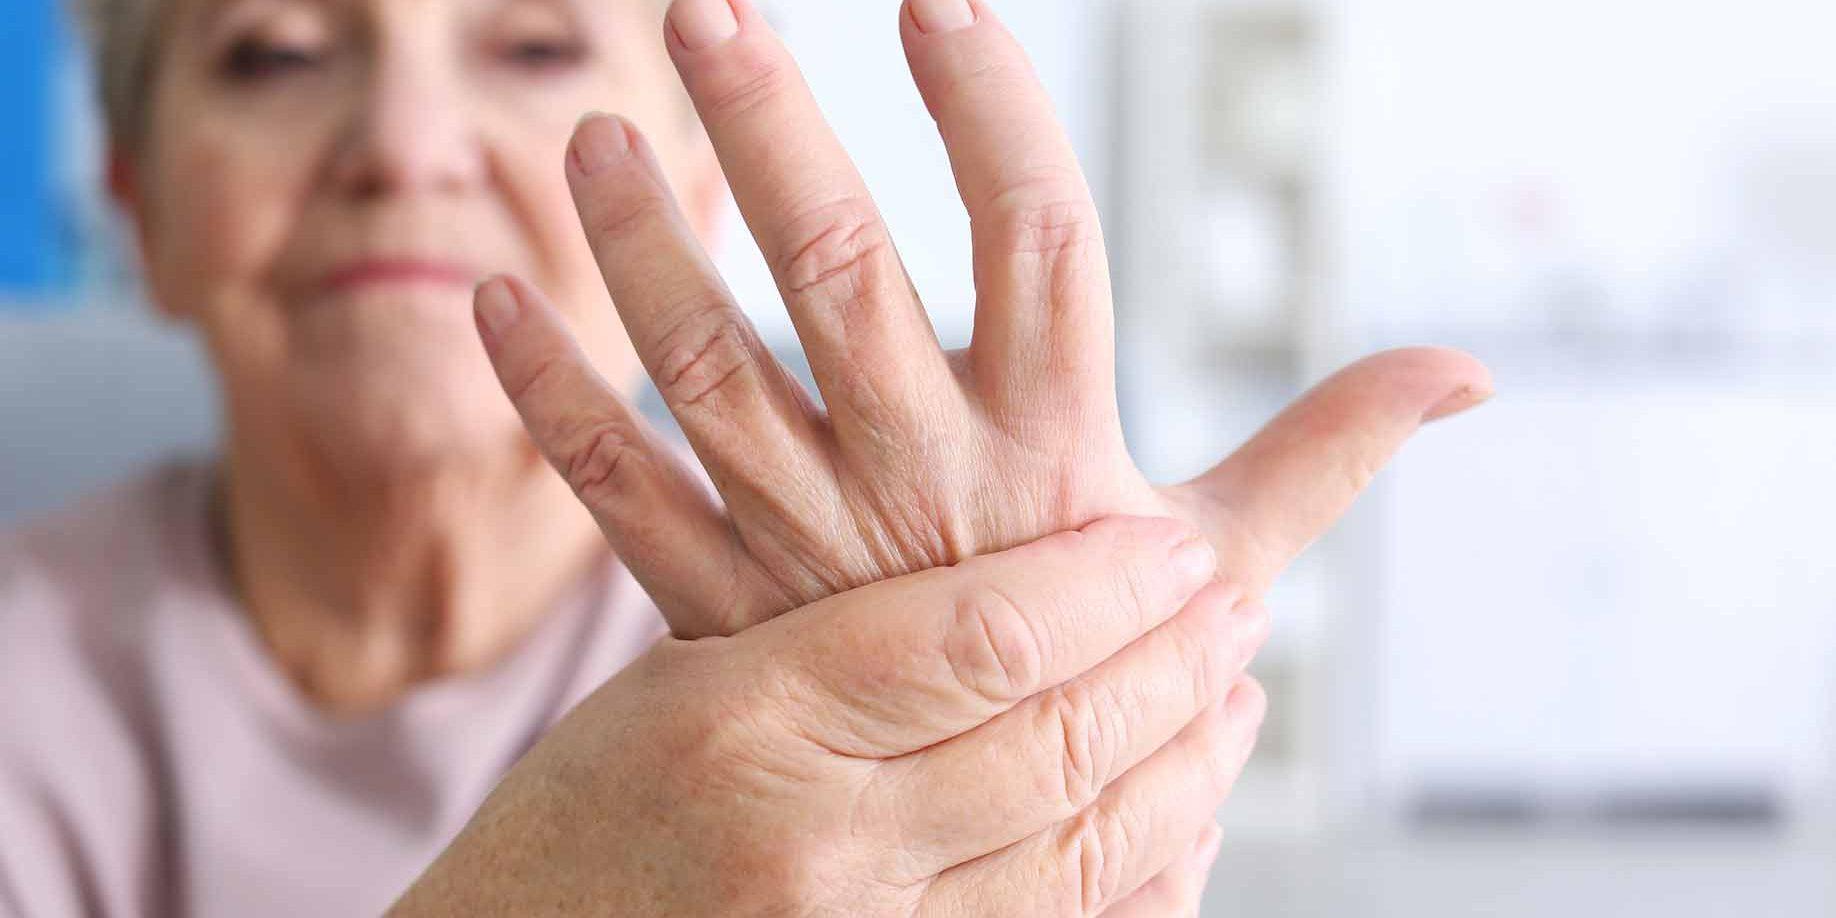 uždegimas alkūnės sąnario gydymo namuose skauda sąnarį į rankas ir išsipučia